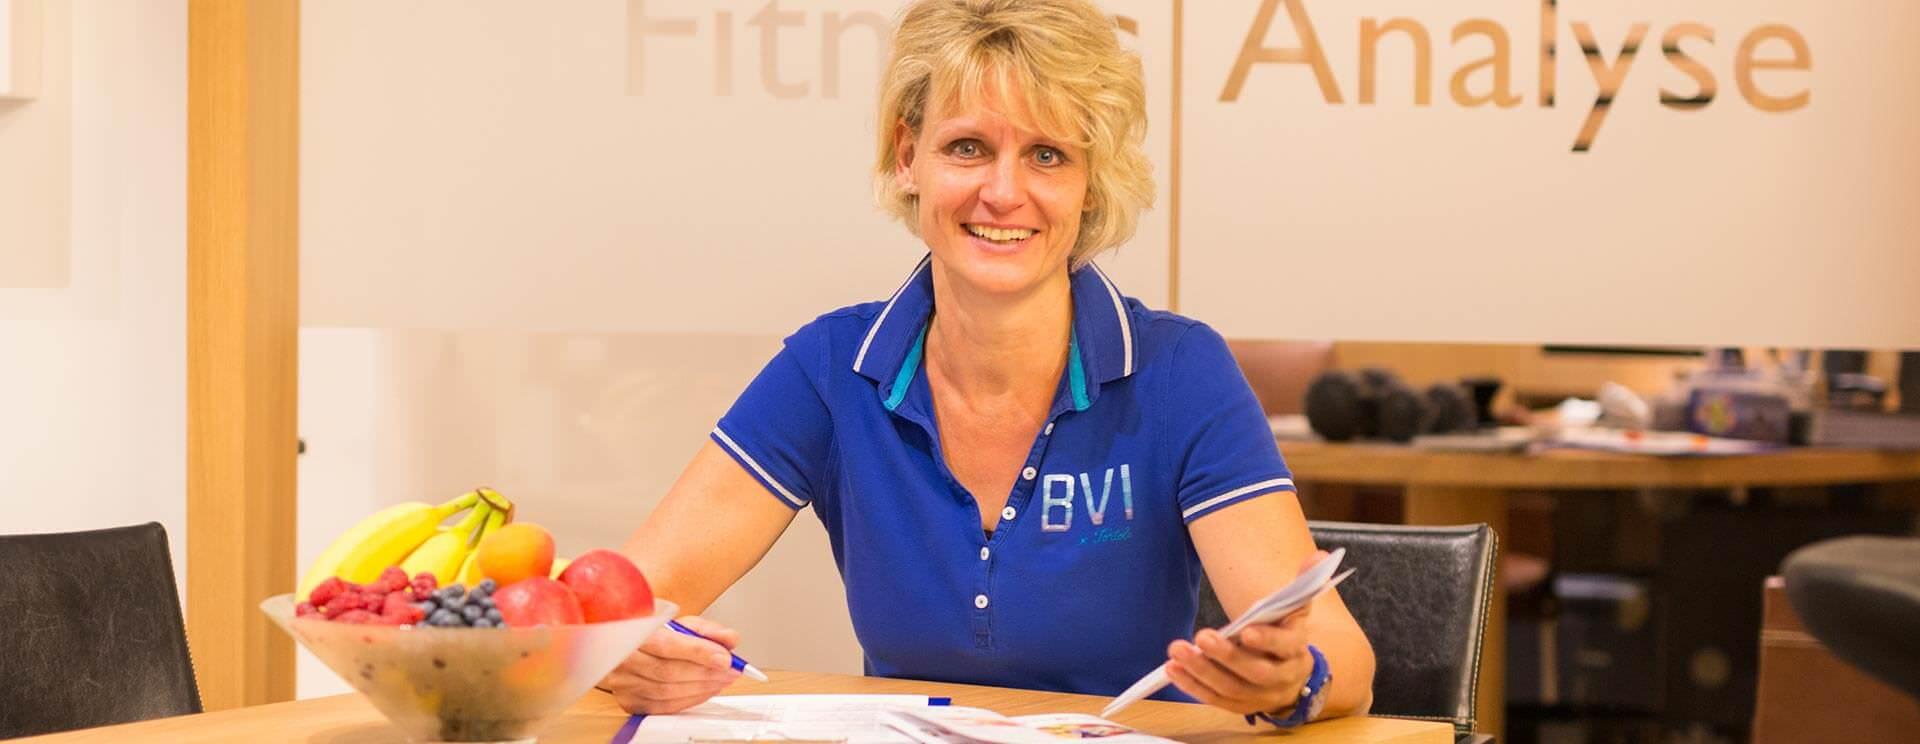 Well Vita Fitnessclub Brilon - Training, Kurse, Beratung